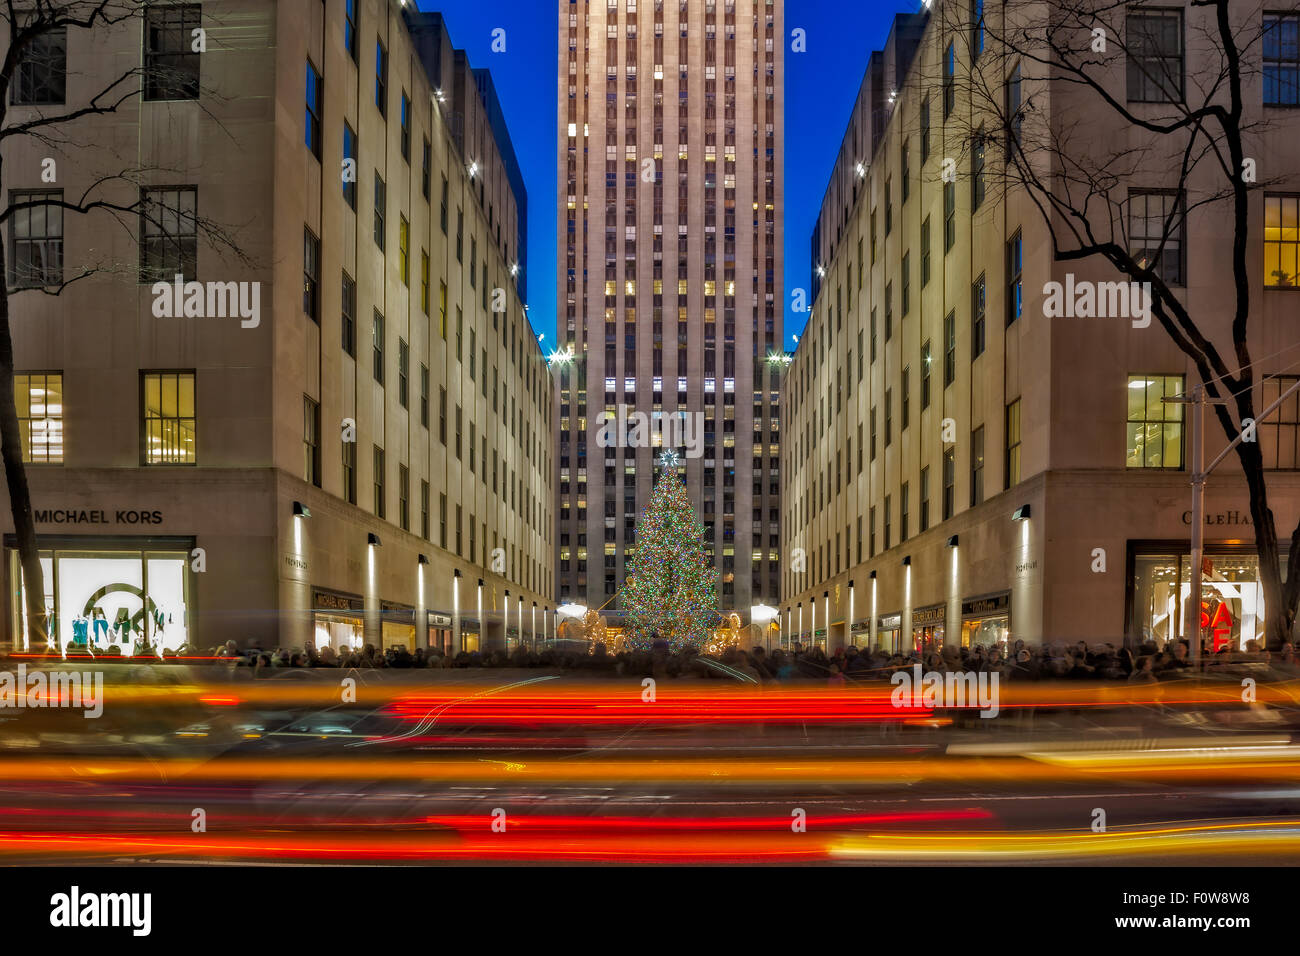 The Rockefeller Center Christmas Tree in New York City. - Stock Image